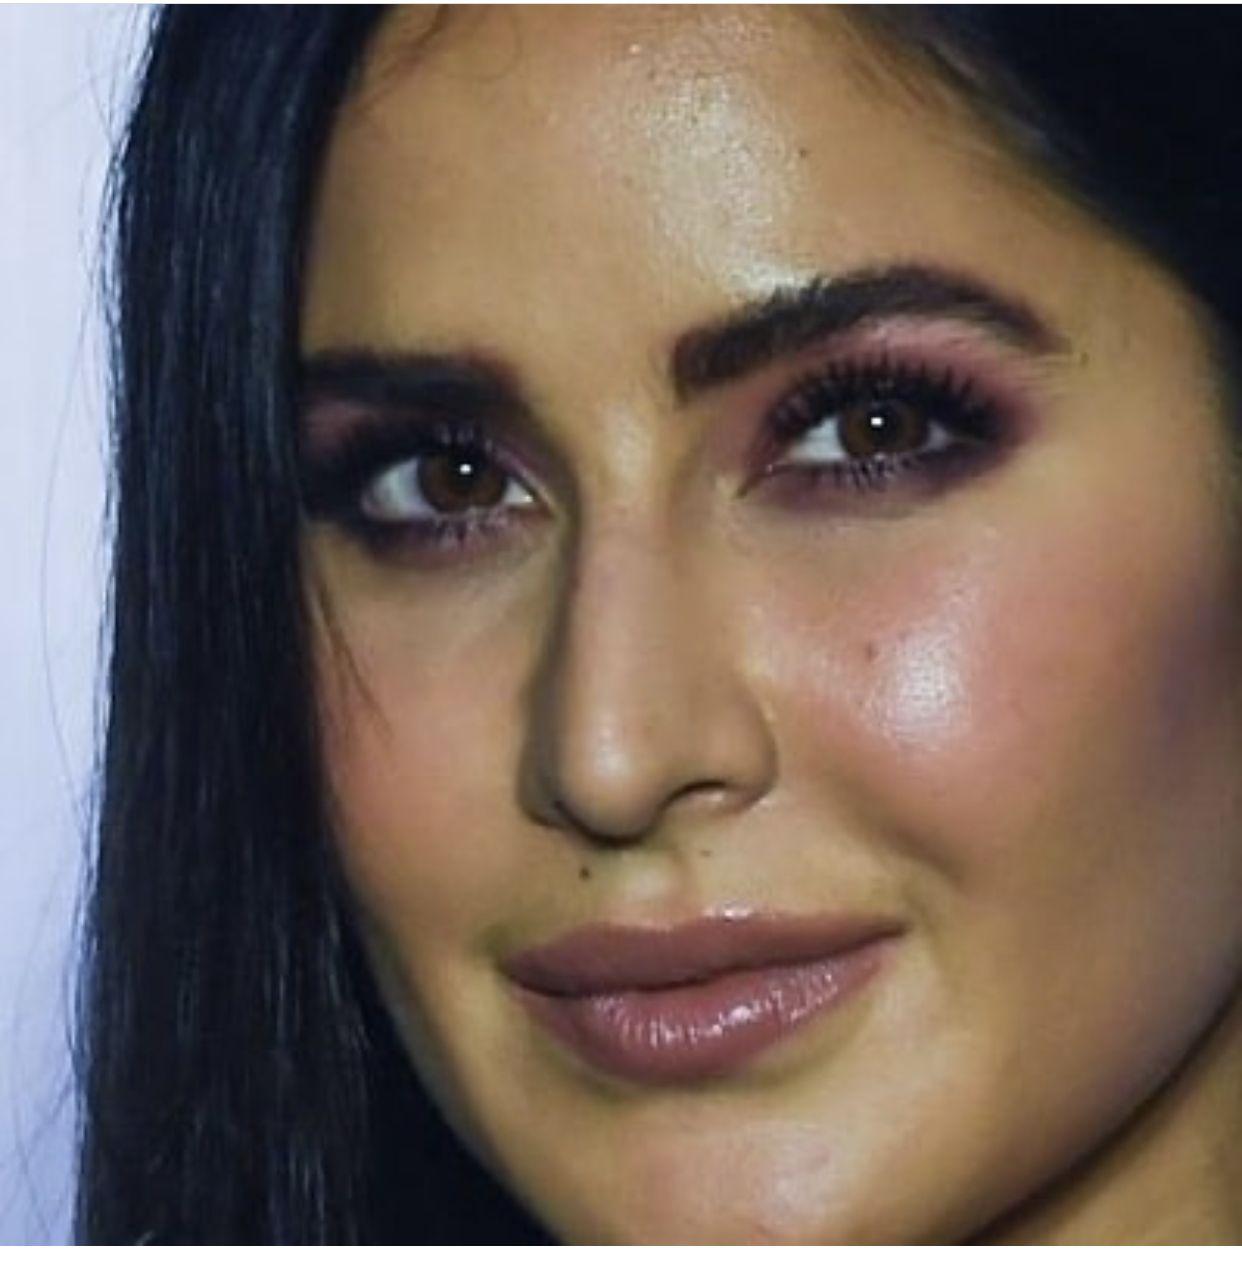 Pin by Zubi Khan on kb 1 | Katrina kaif hot pics, Katrina kaif without  makeup, Katrina kaif